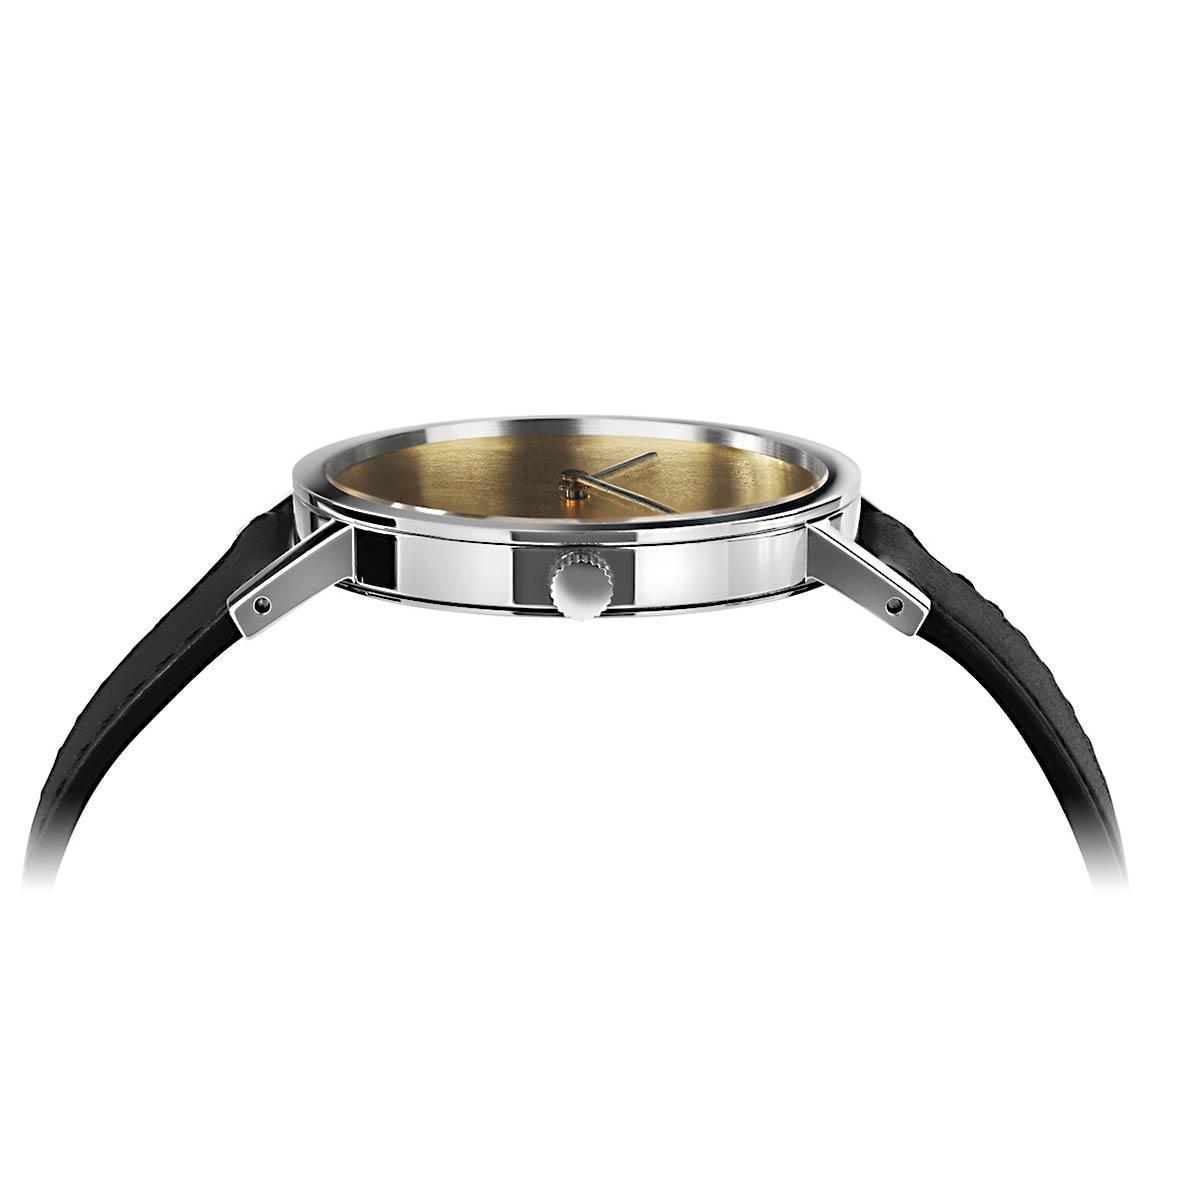 Armbanduhr Gold Leaf - Quarzuhrwerk - Durchmesser 34 mm bis 38 mm - by Atelier Pierre Junod